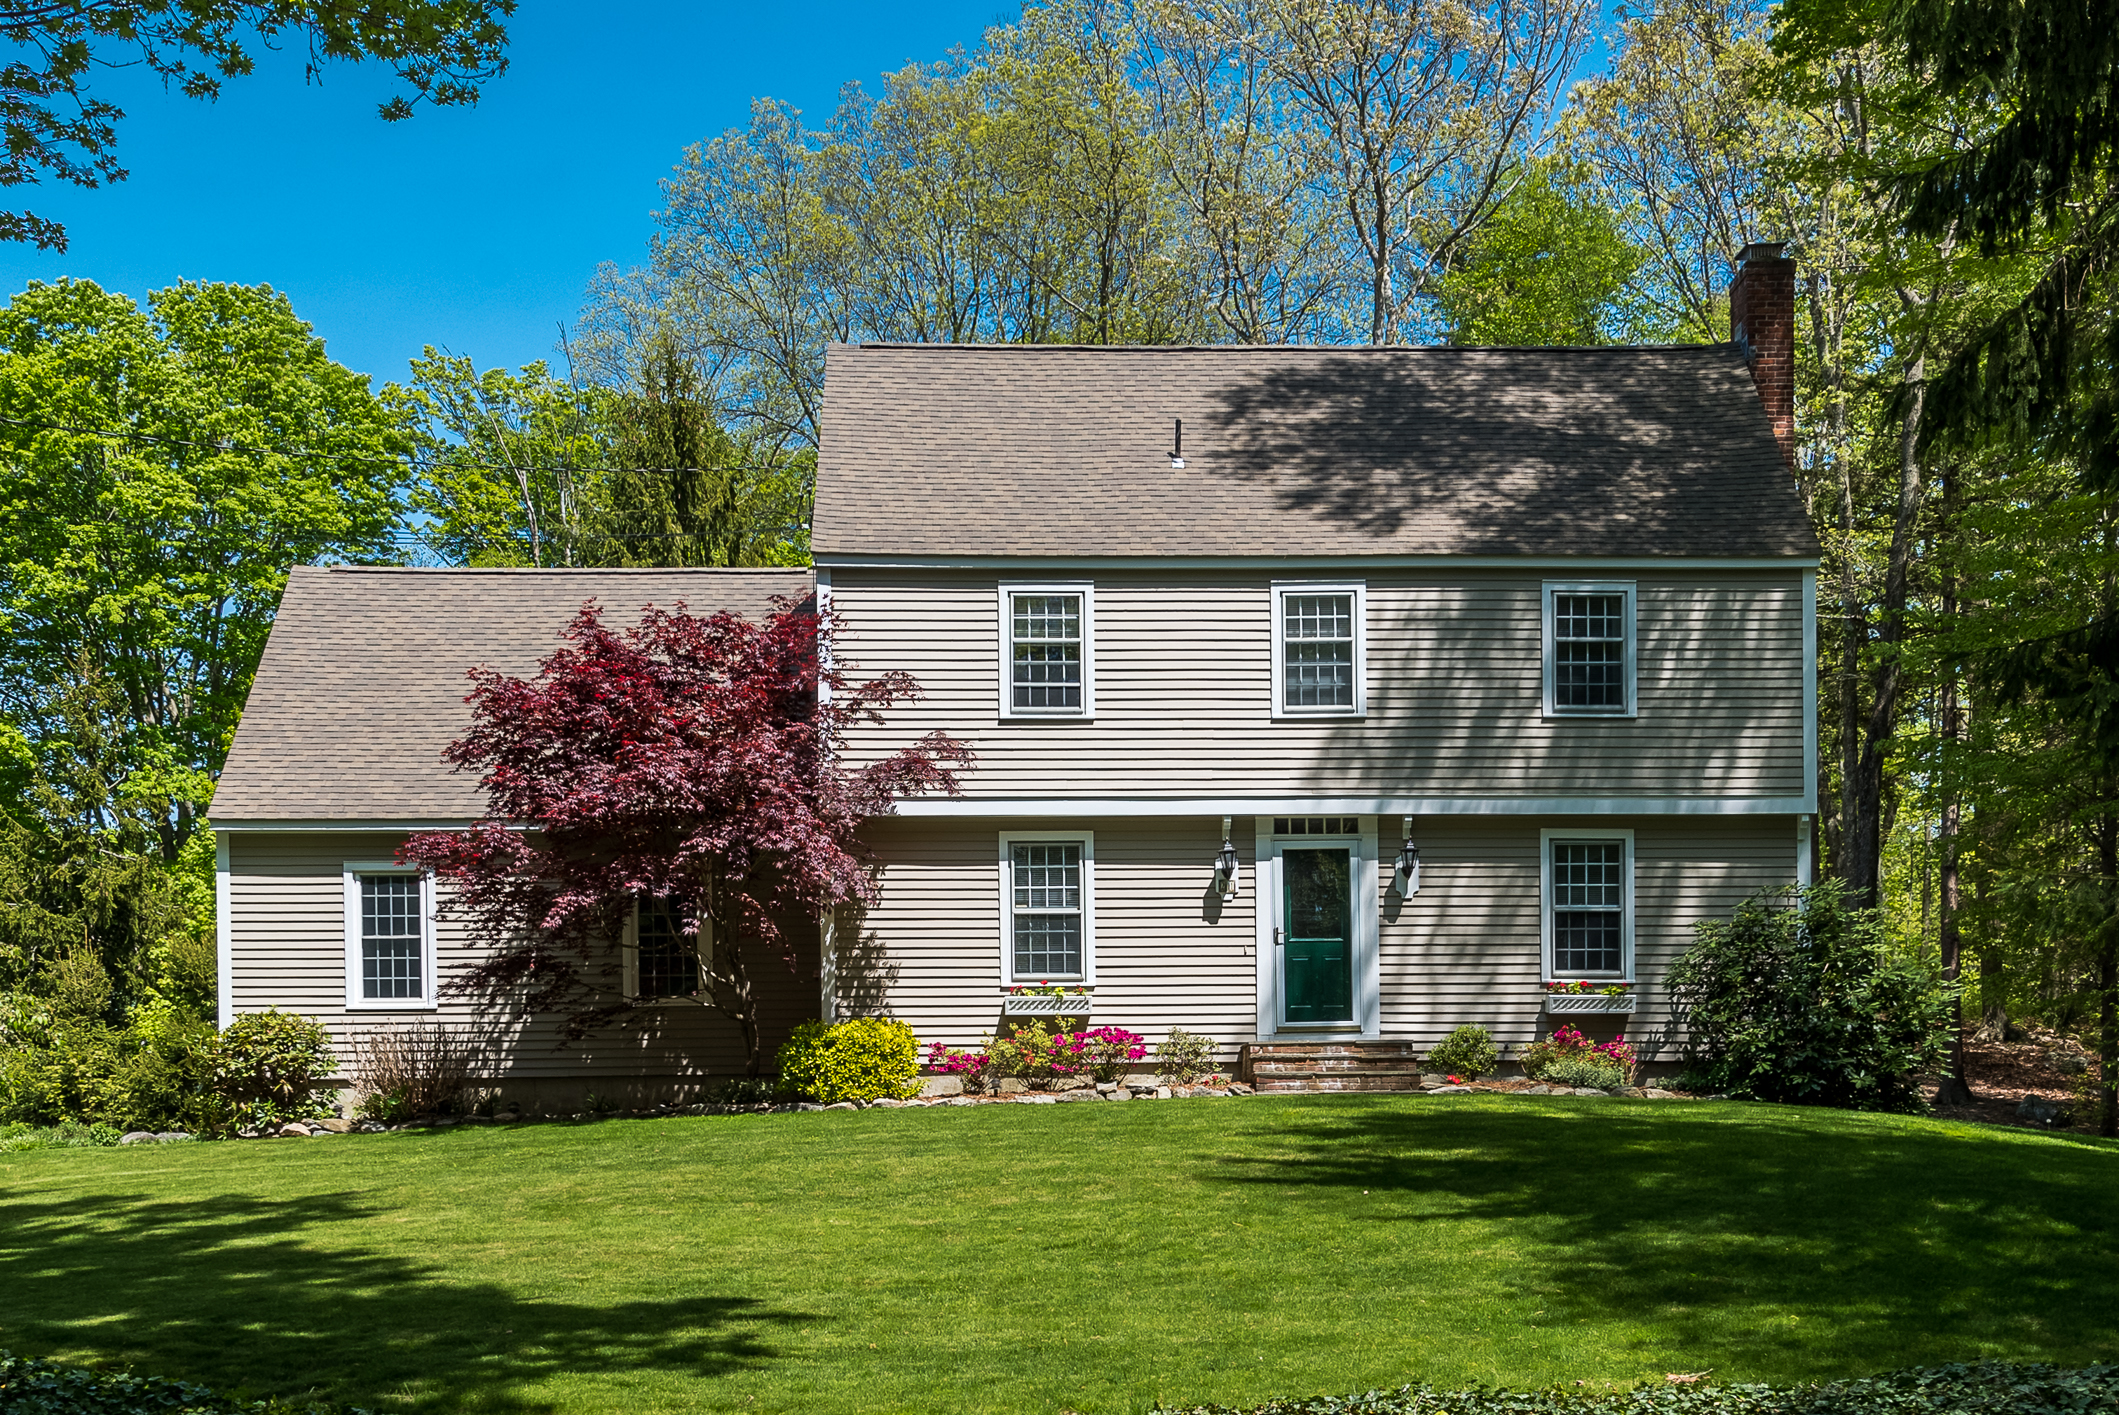 Maison unifamiliale pour l Vente à 21 Island Ave Madison, Connecticut, 06443 États-Unis